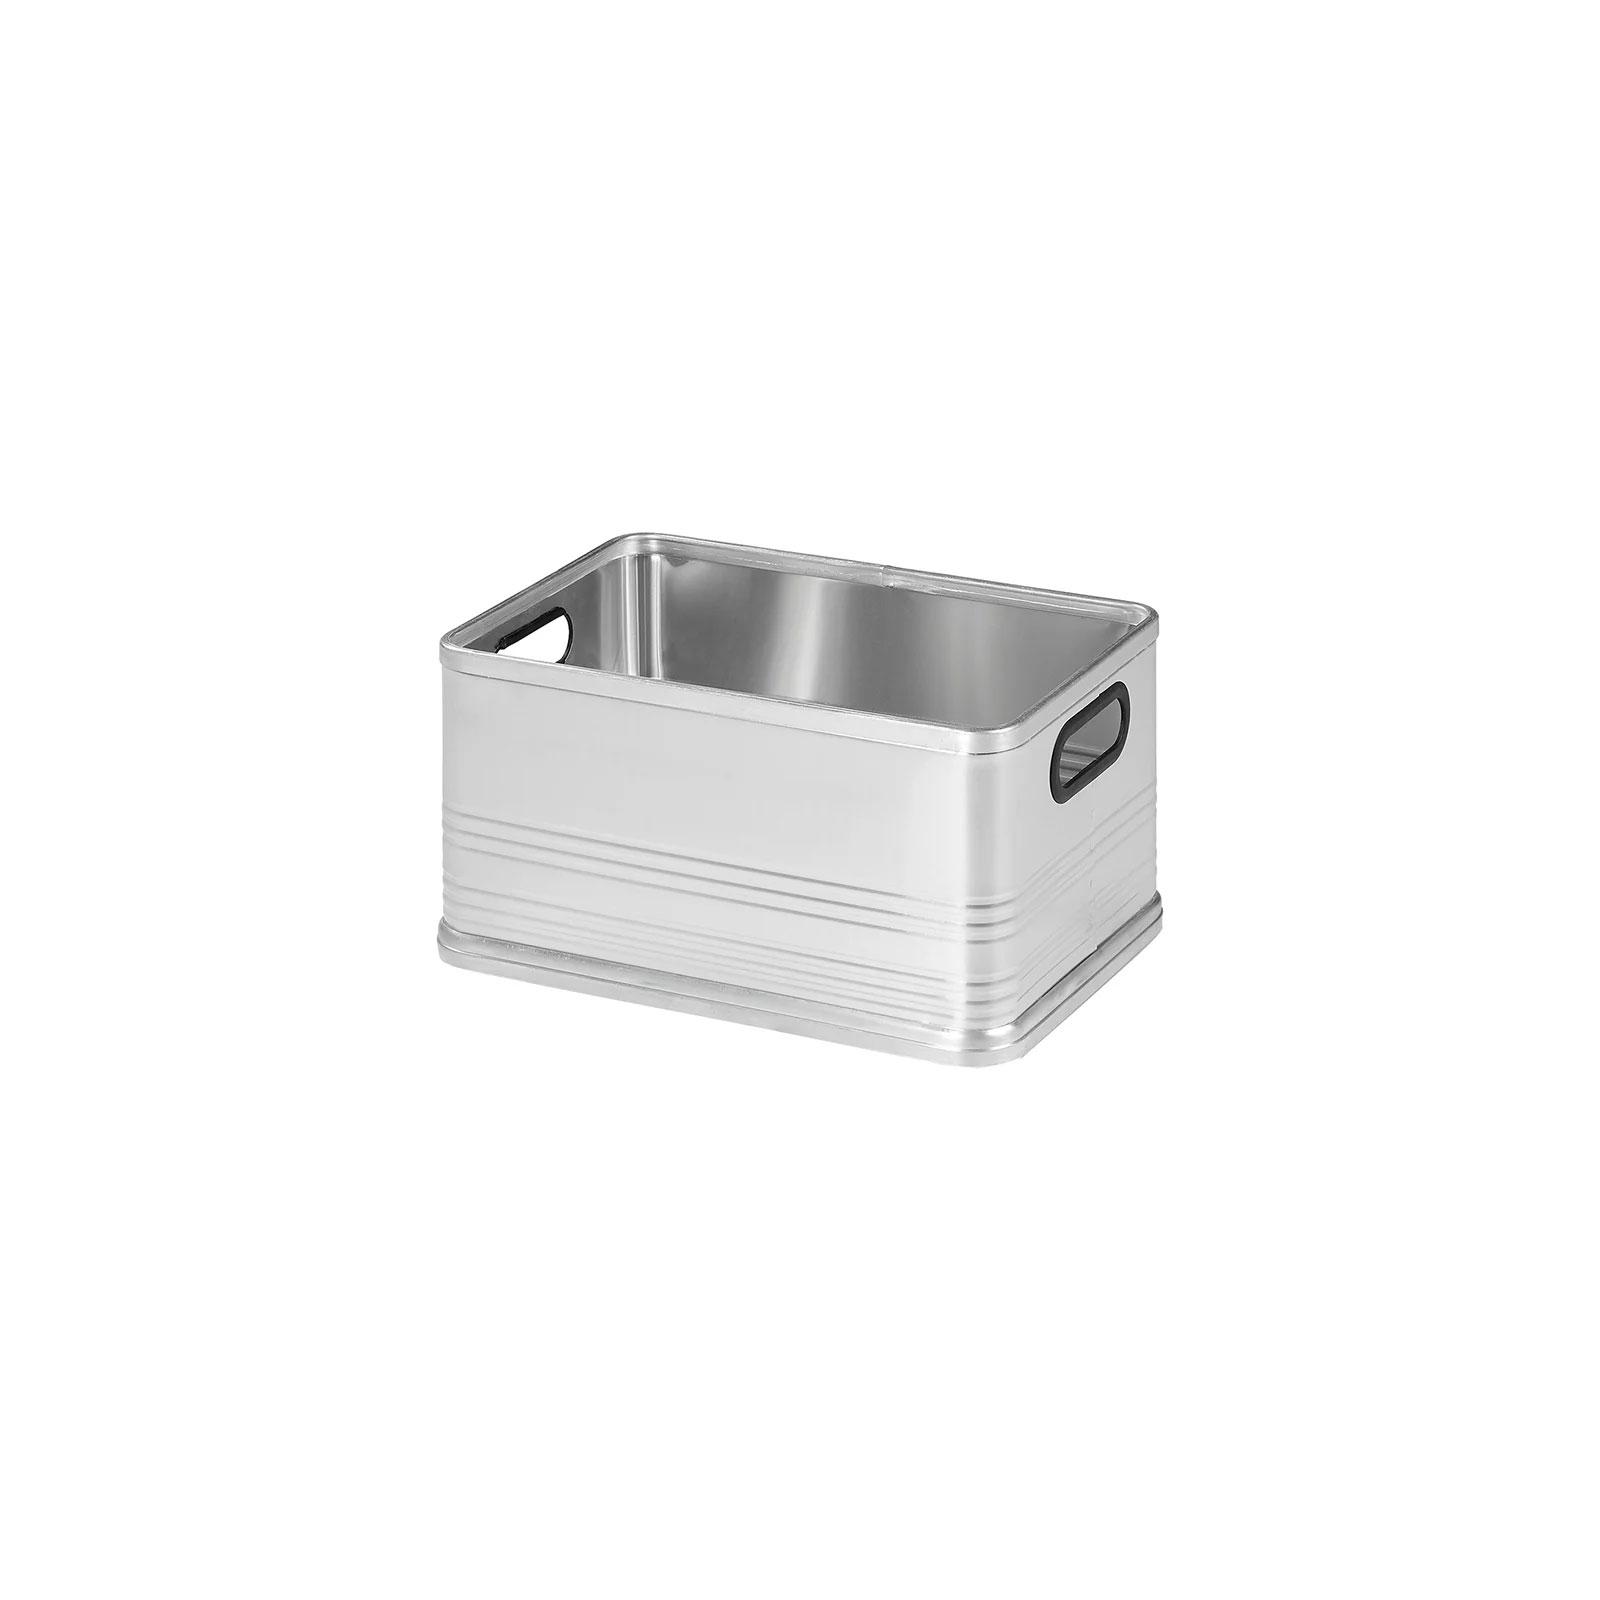 Transportbox Aluminiumbox 30 l Werkezugkiste Stauraum + Aufbewahrung